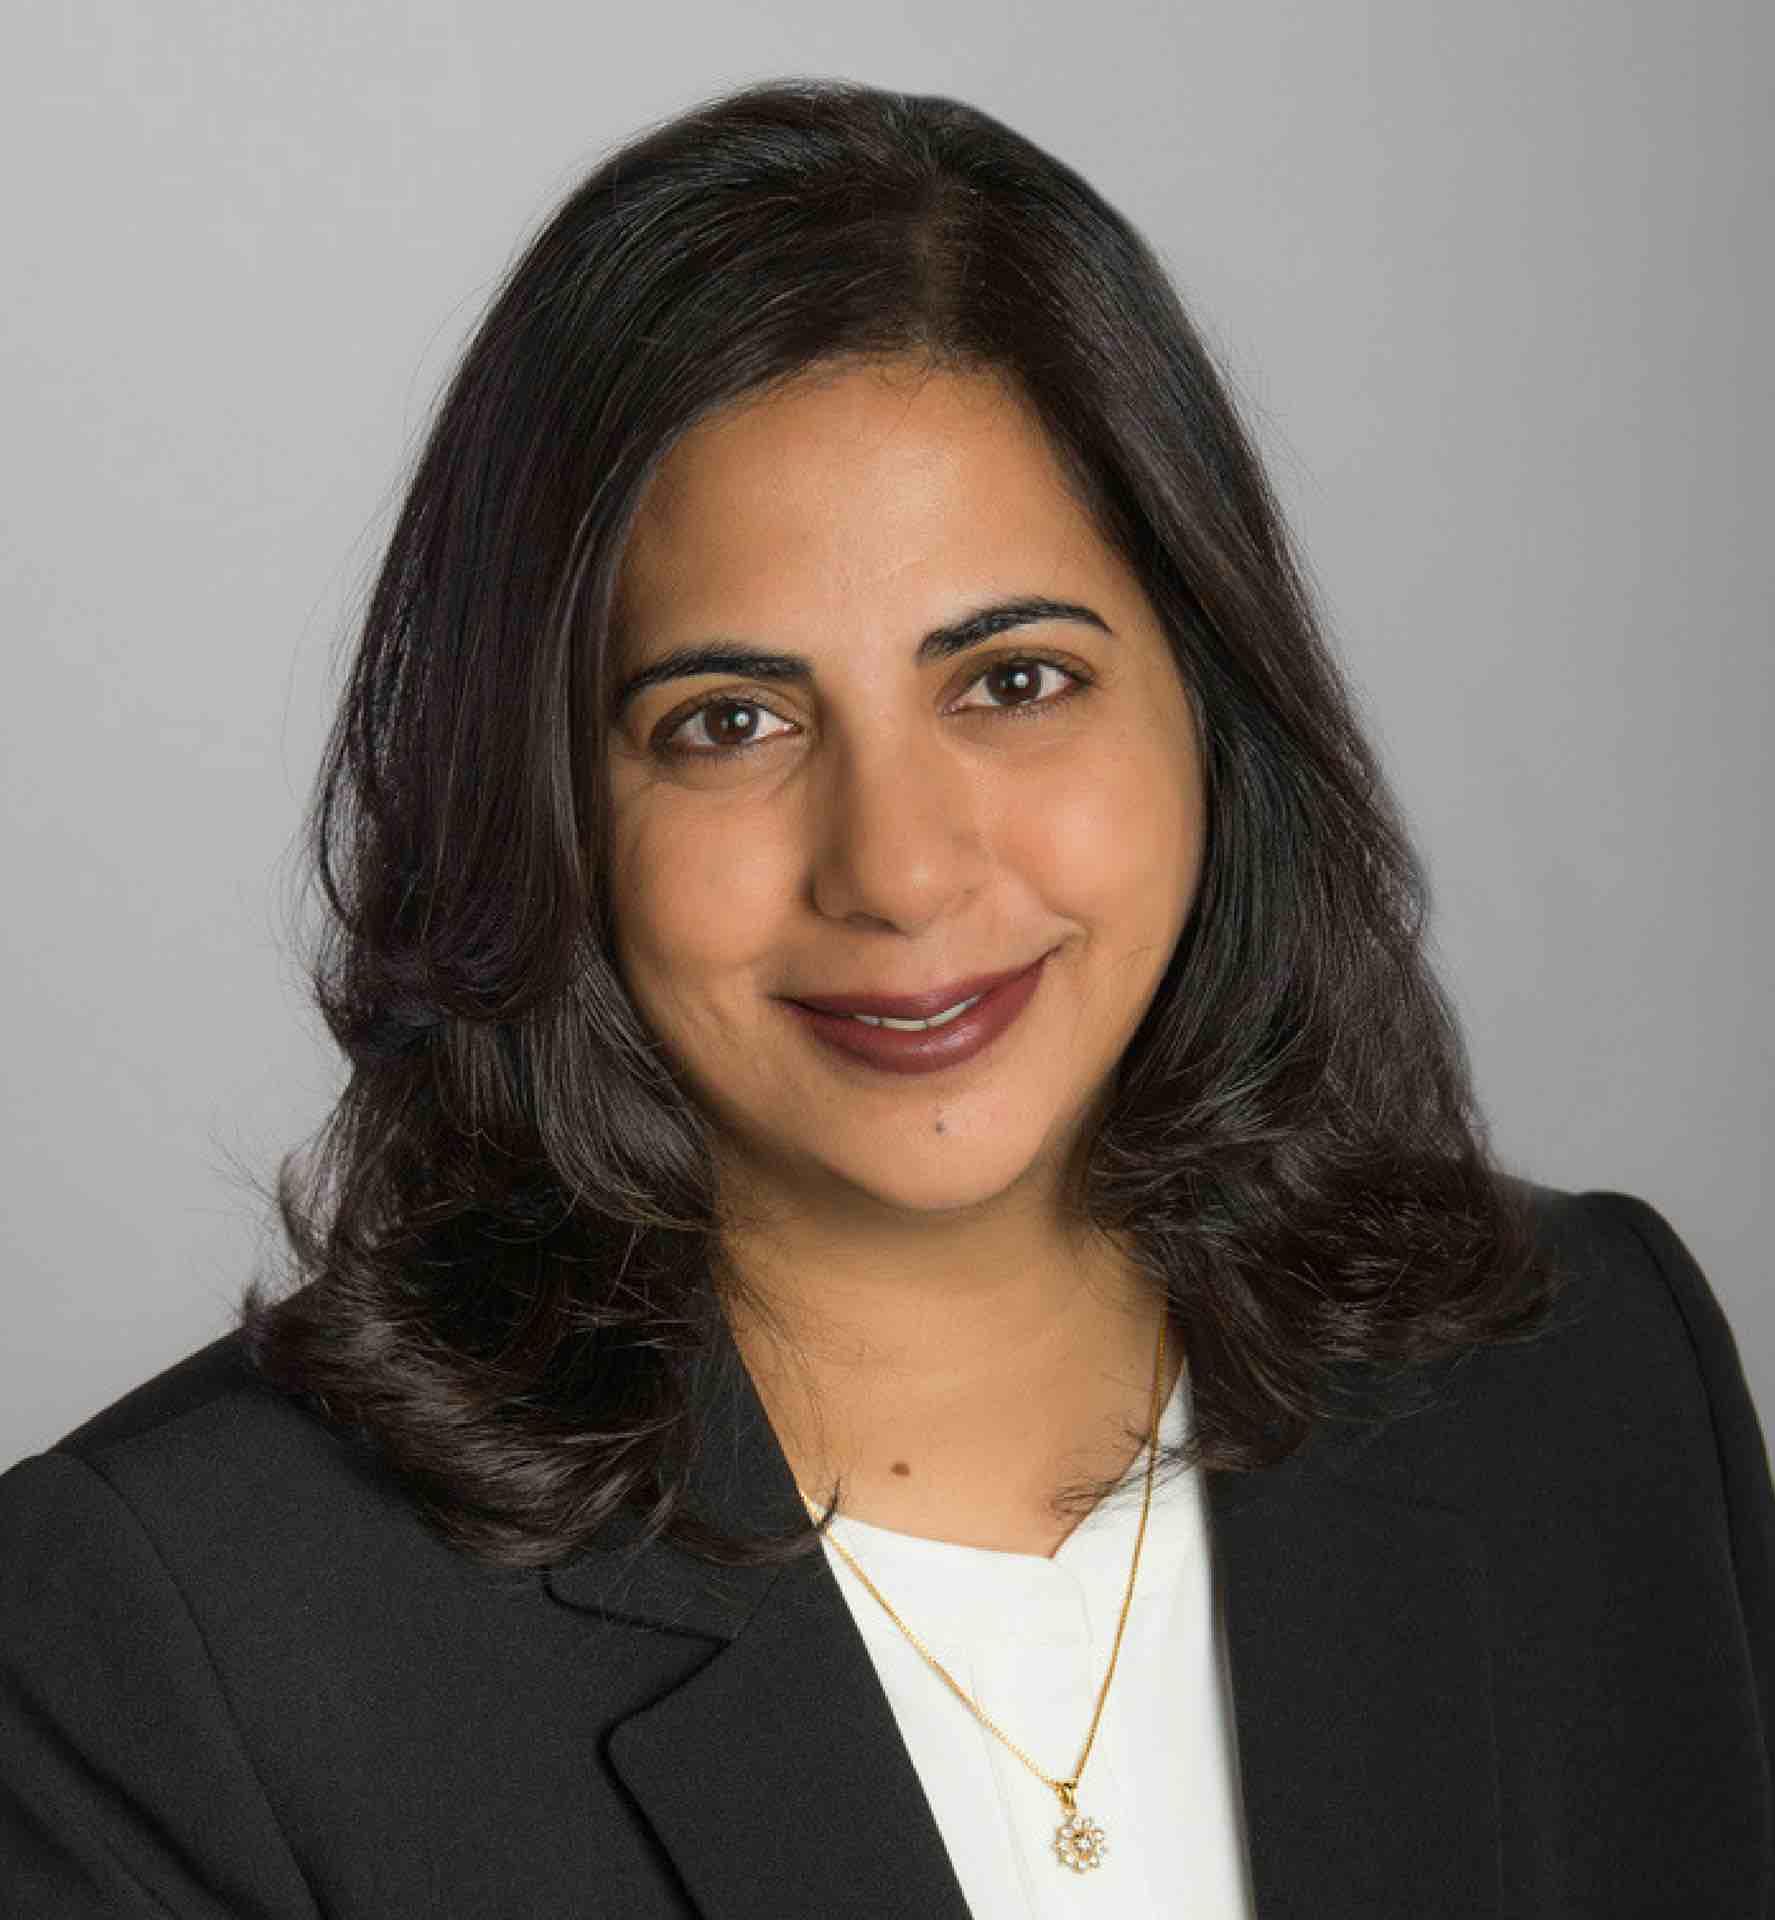 Saima Siddiqui